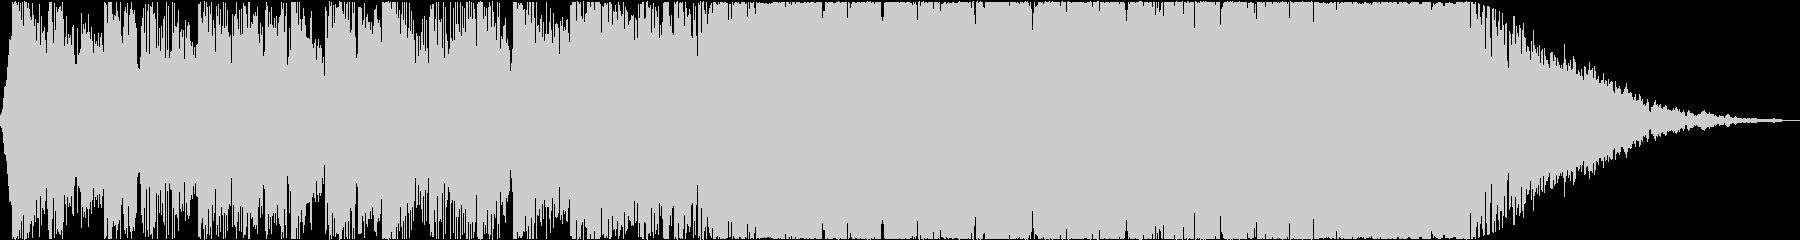 メタル 積極的 焦り 神経質 低音...の未再生の波形